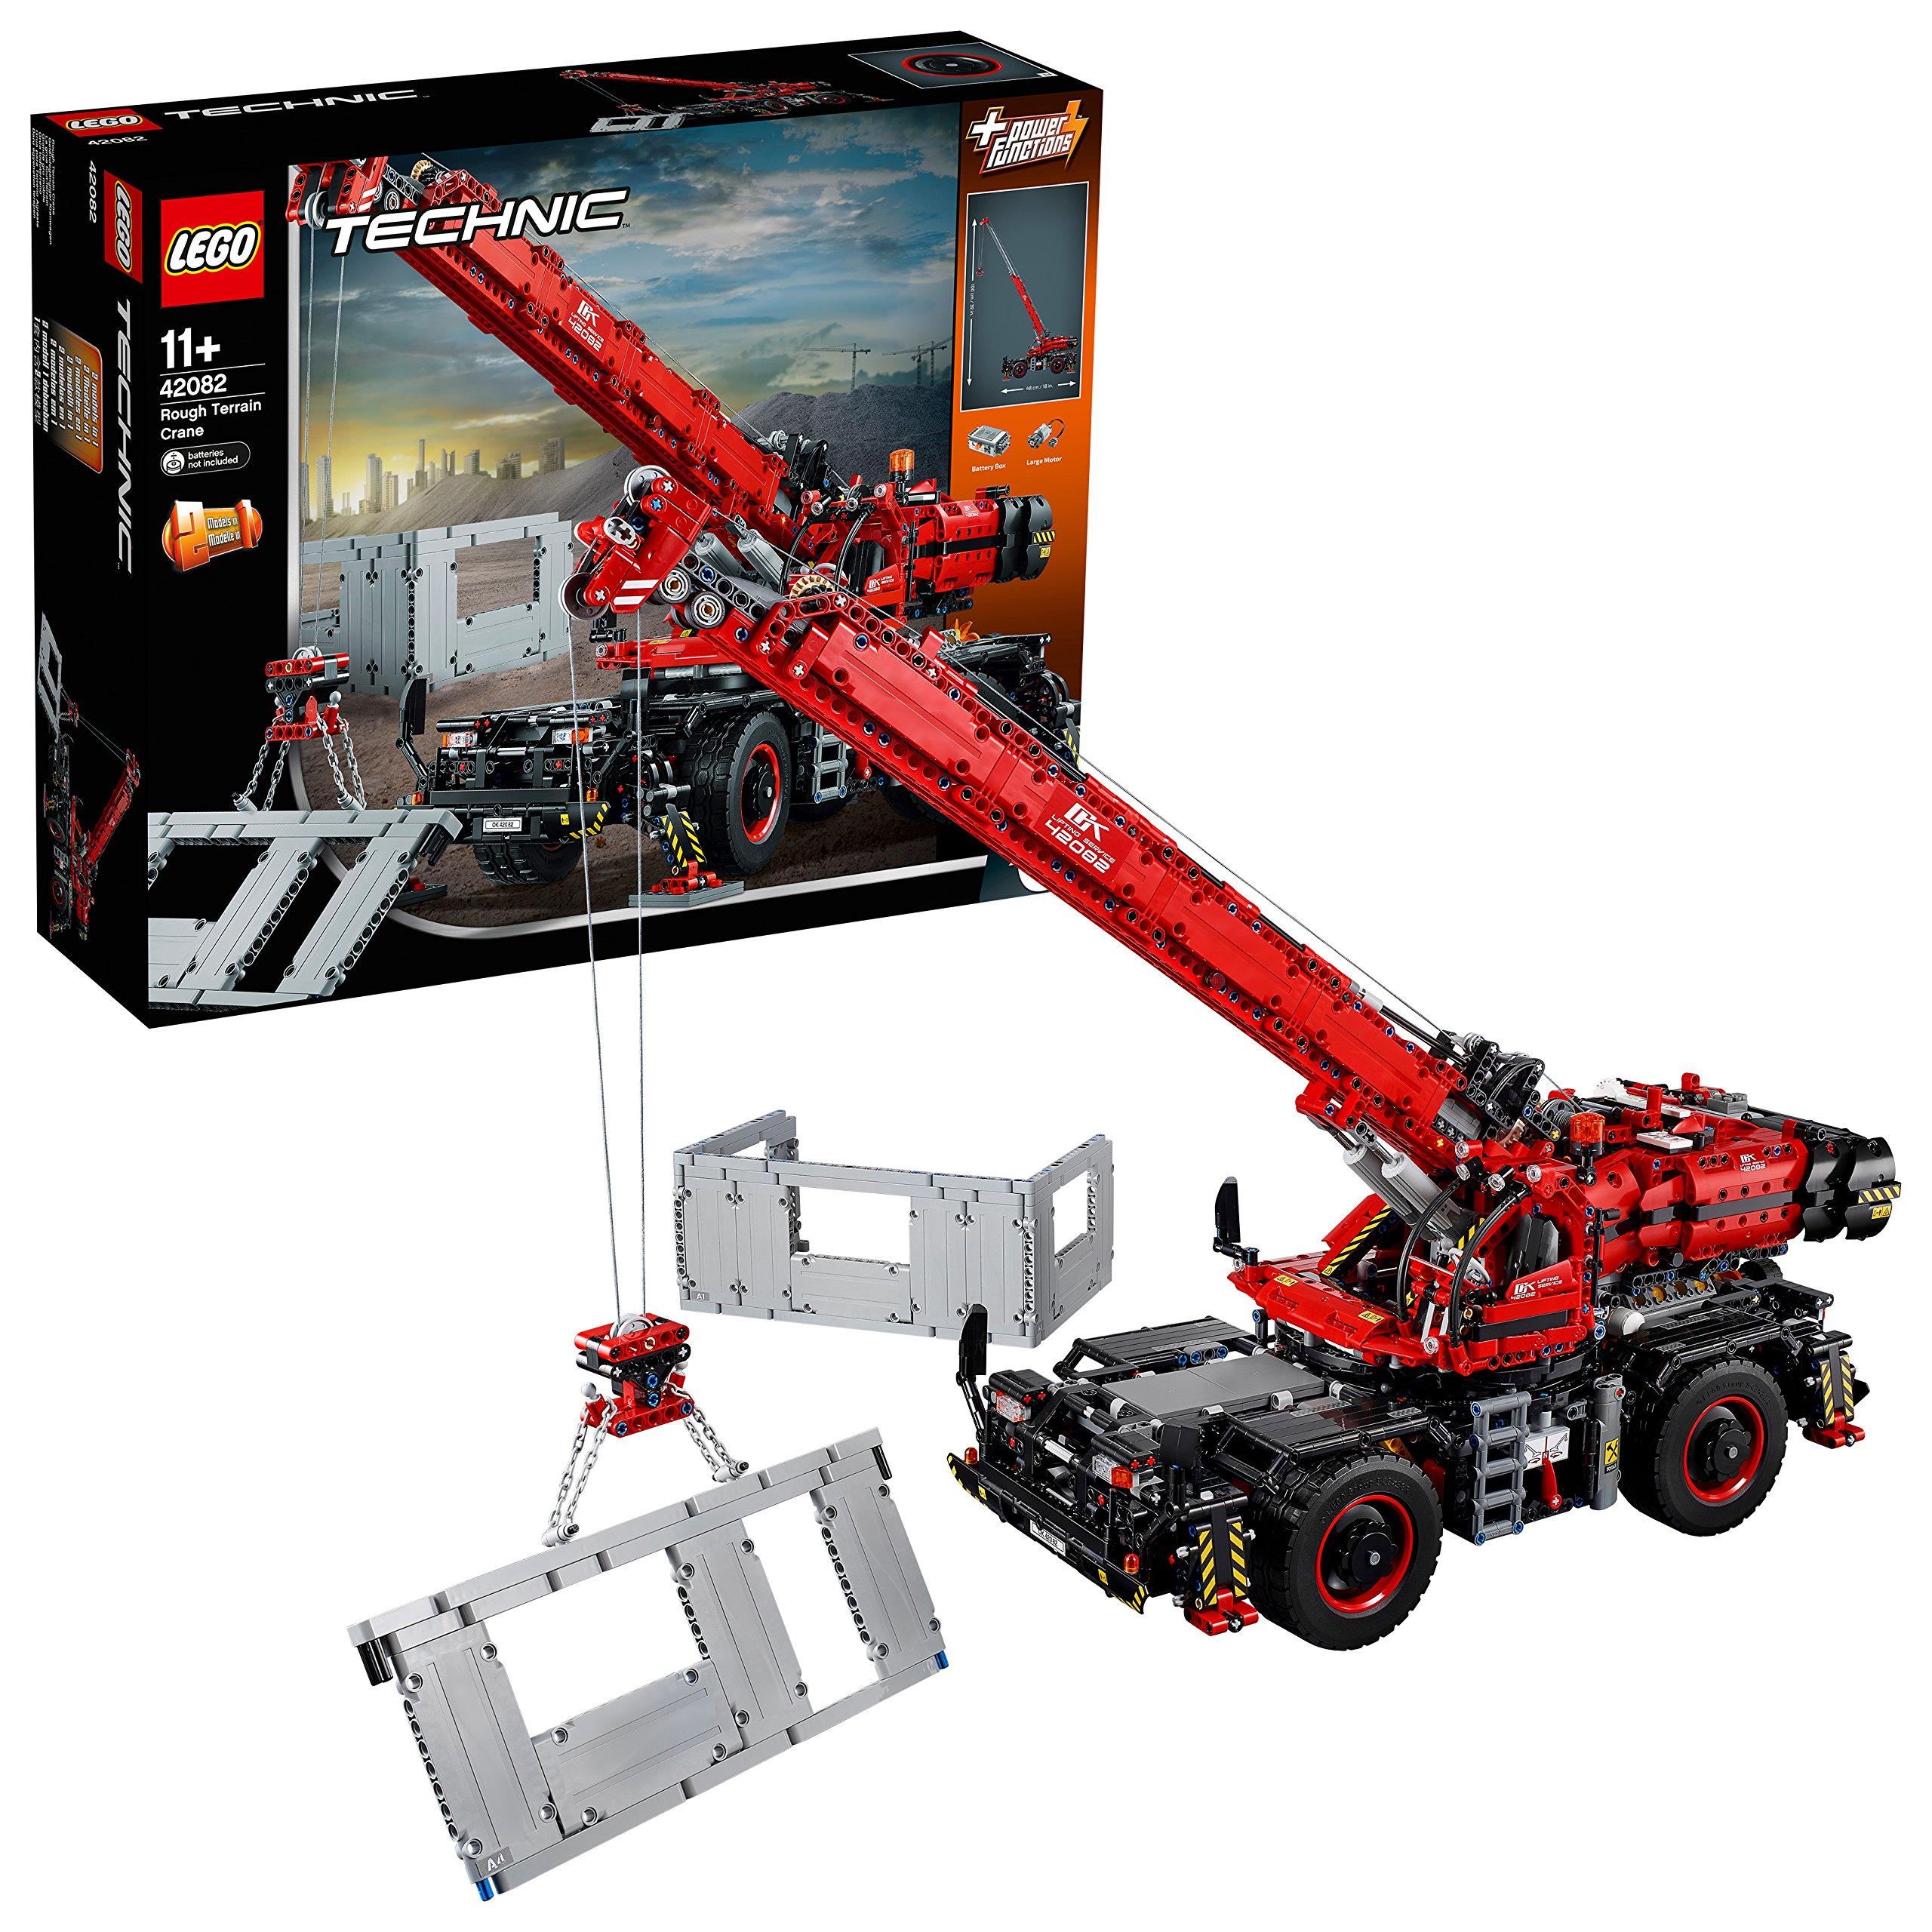 LEGO Technic geländegängiger Kranwagen (42082), Bauspielzeug, 2-in-1-Modell